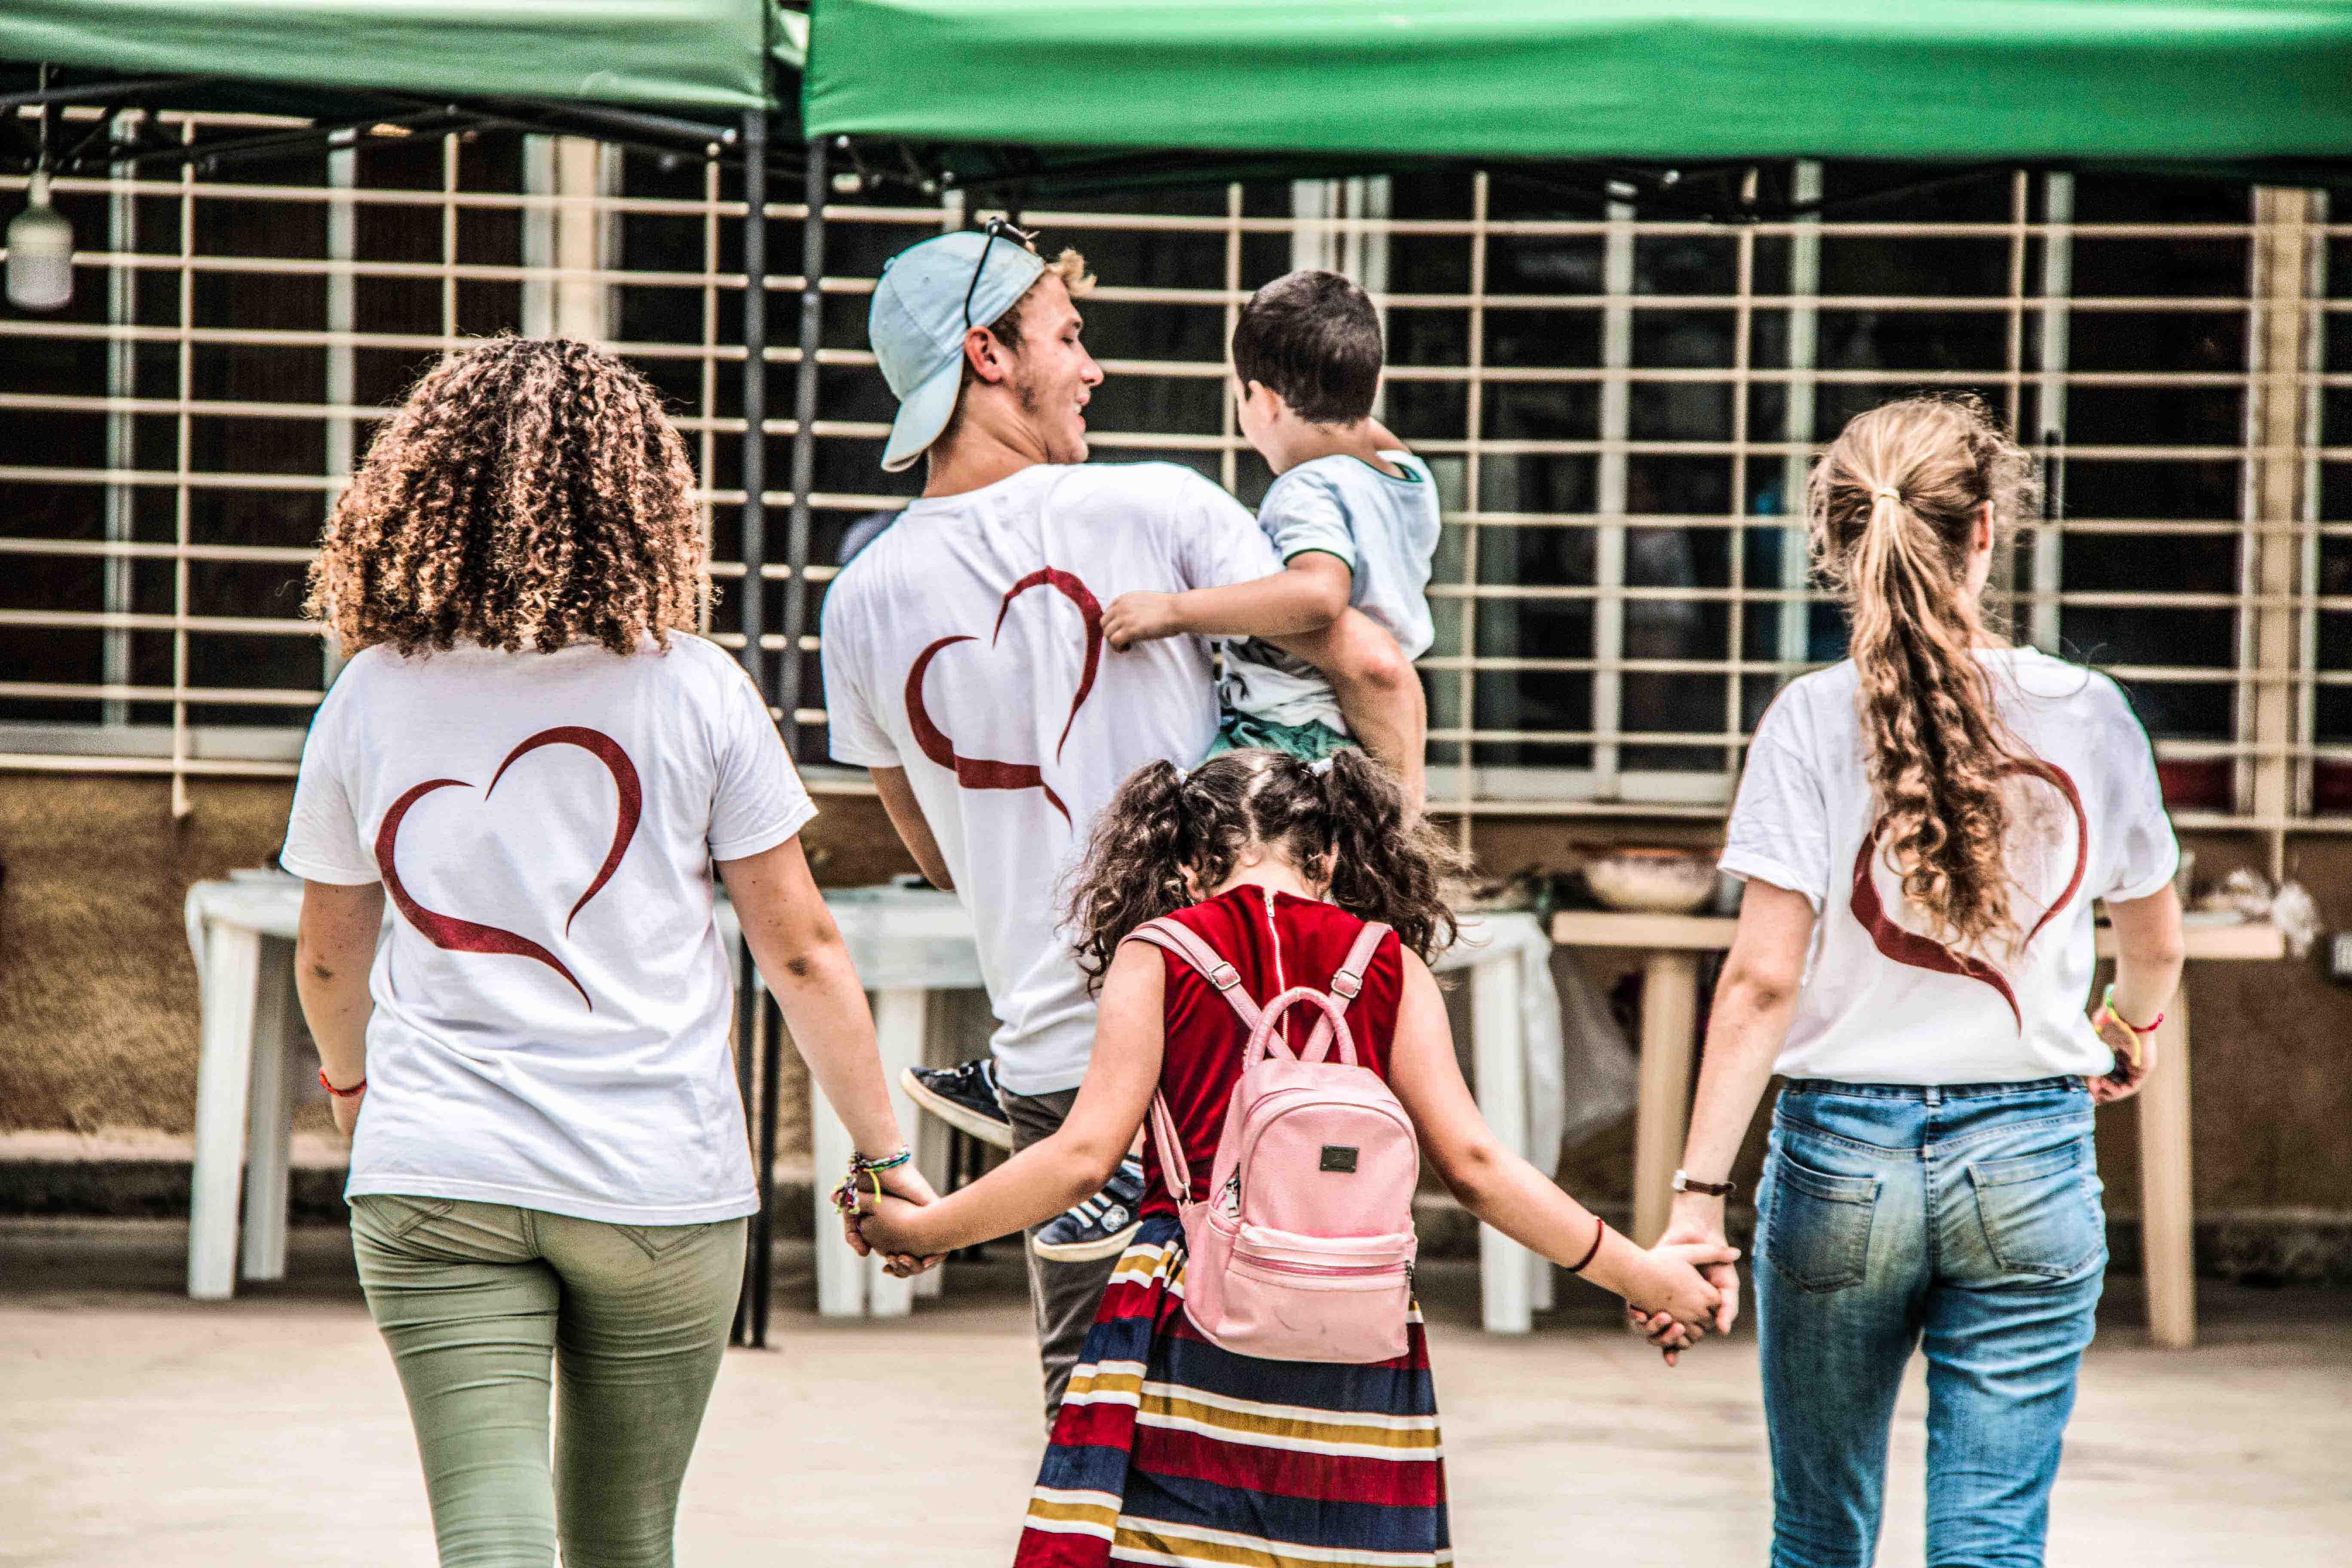 Mission humanitaire avec SOS Chretien d'Orient